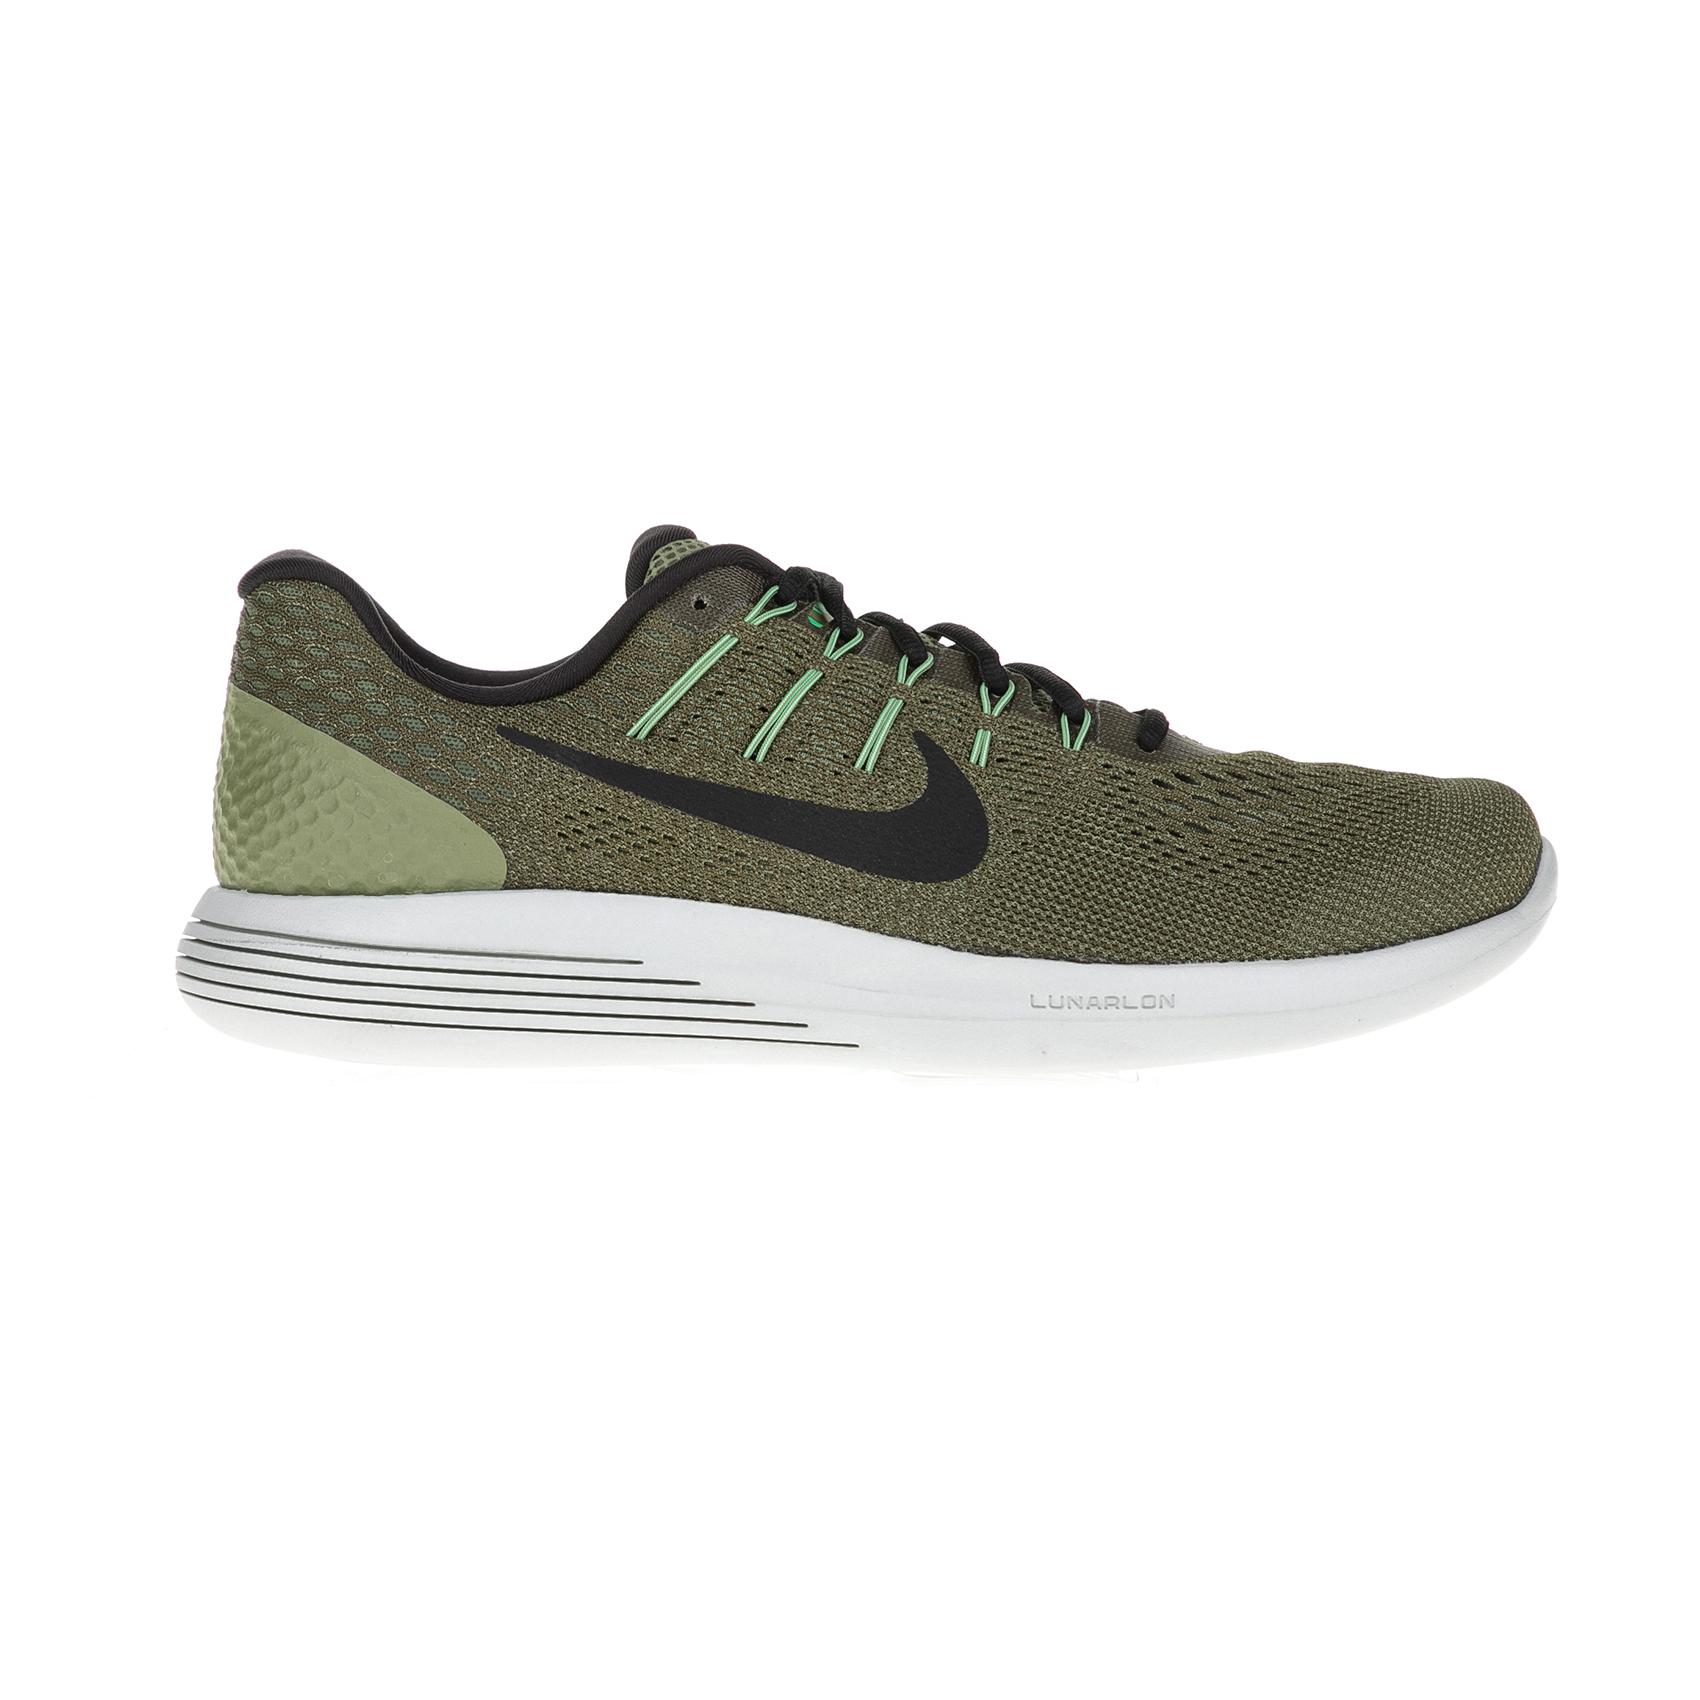 NIKE - Ανδρικά παπούτσια για τρέξιμο NIKE LUNARGLIDE 8 χακί